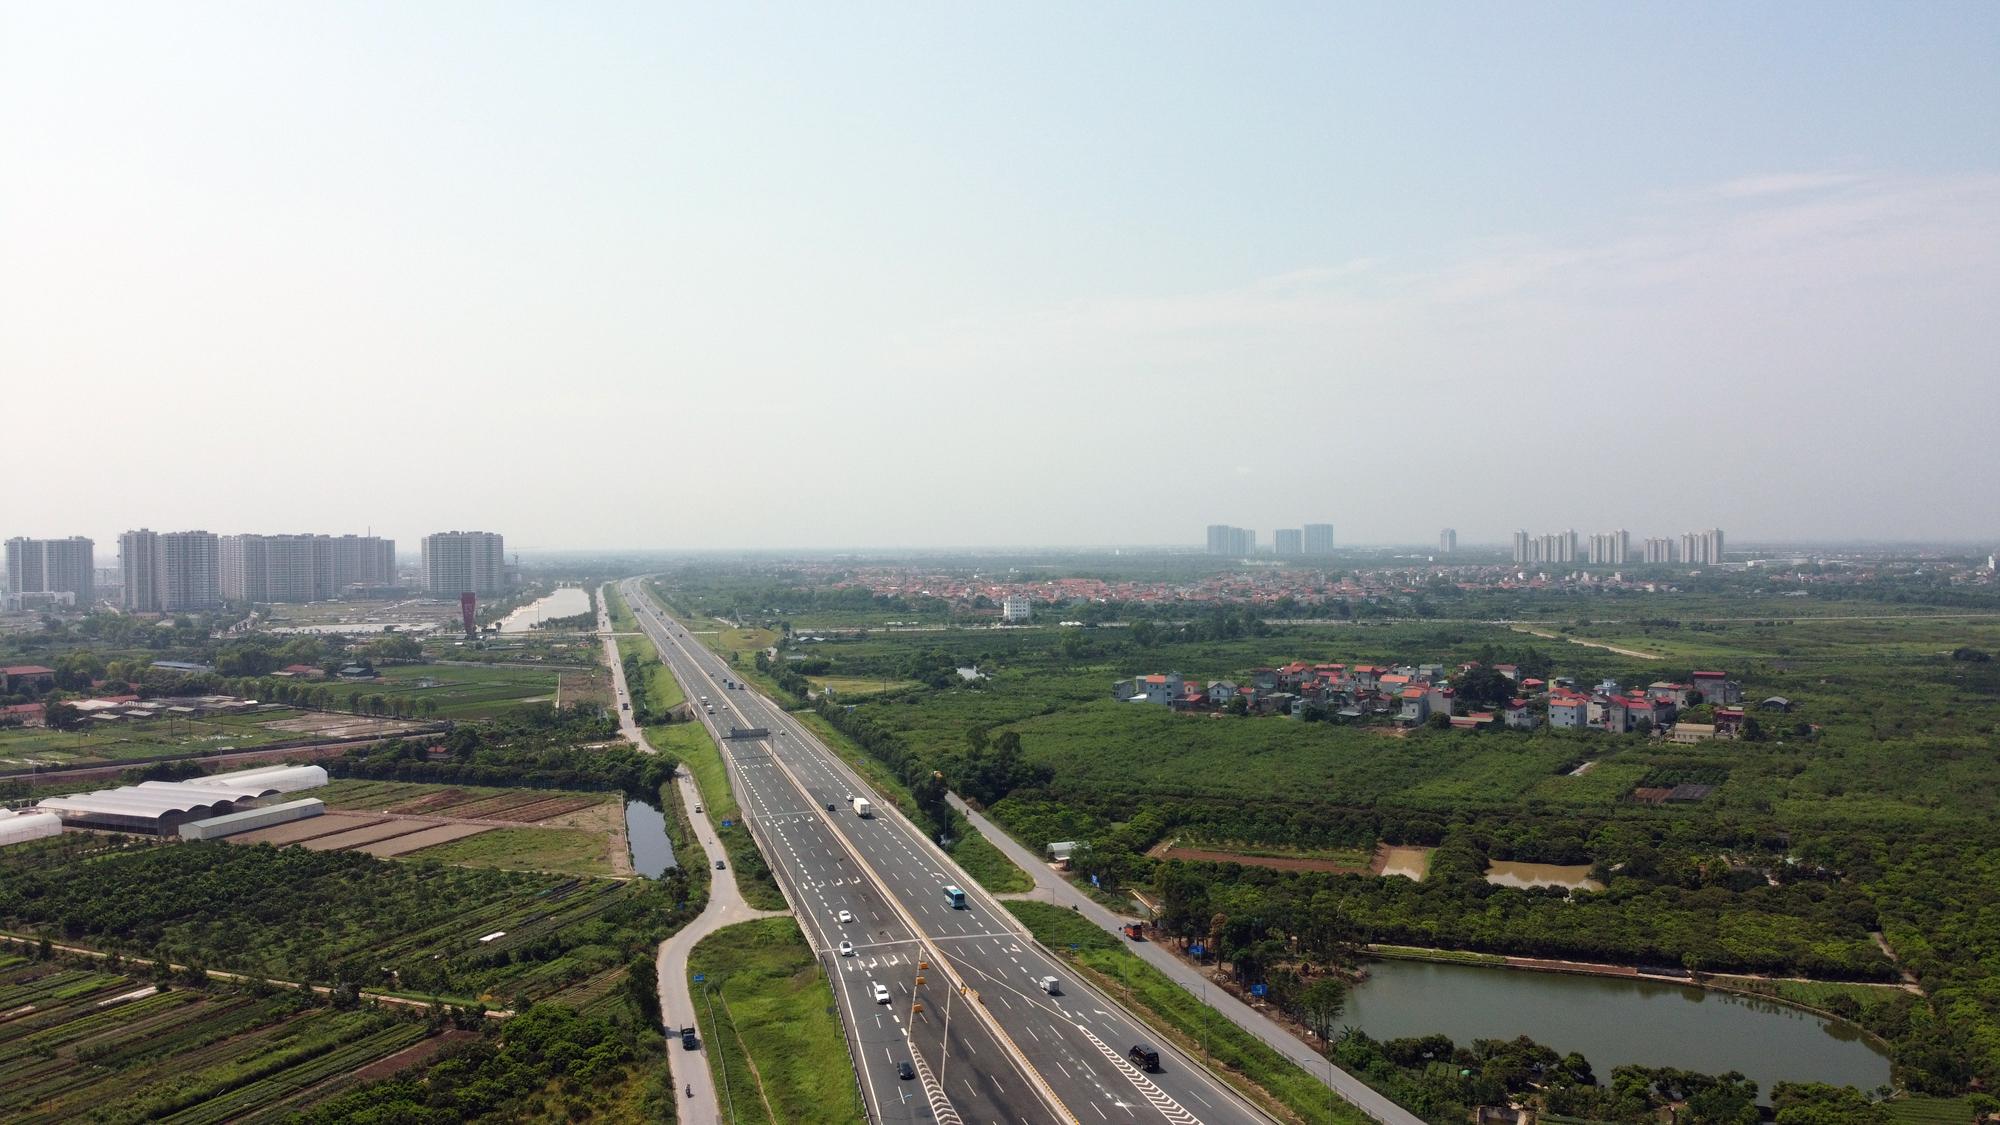 Toàn cảnh dự án xây dựng nút giao Vành đai 3 với cao tốc Hà Nội - Hải Phòng - Ảnh 5.